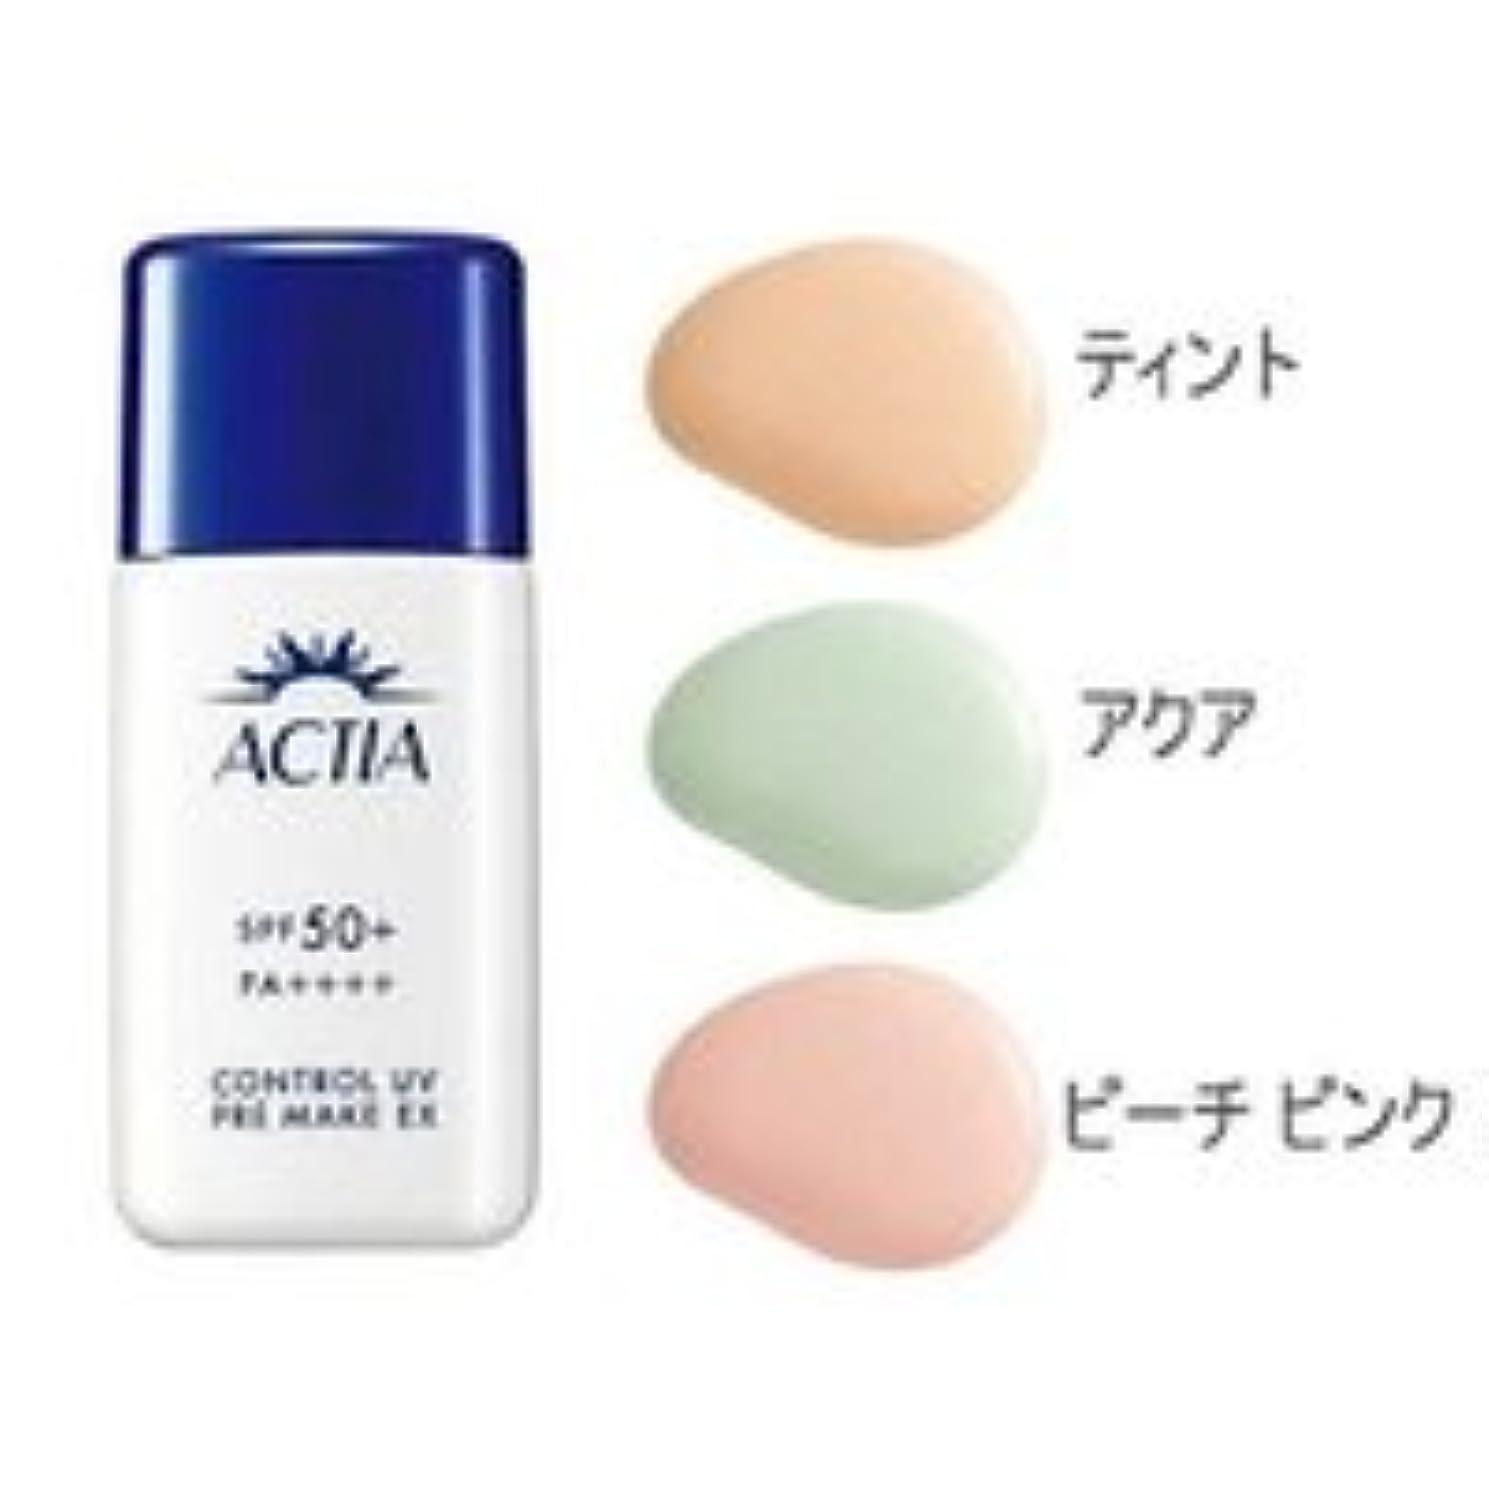 キーキャラクター方向エイボン (AVON) アクティア コントロール UV プレメイク EX 30ml (アクア)